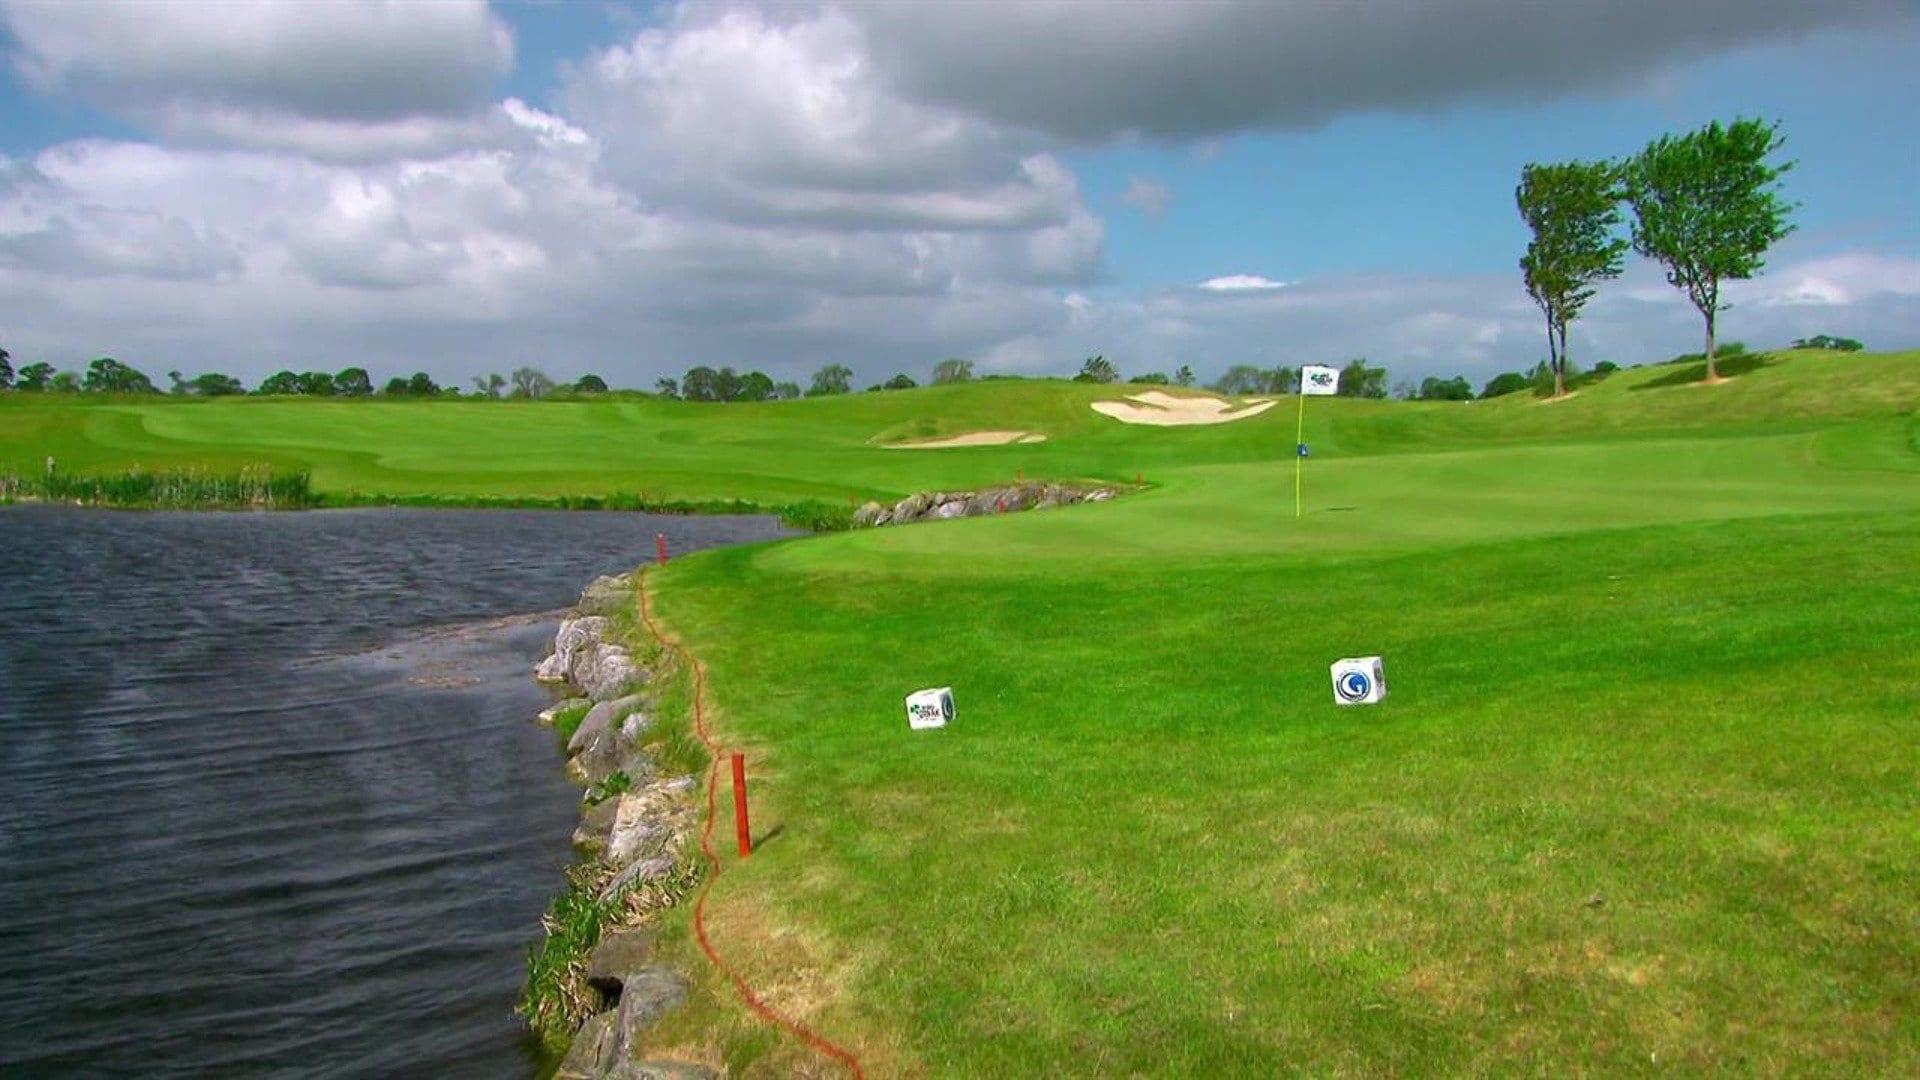 Gaofar Galfaire - Windy Golfer